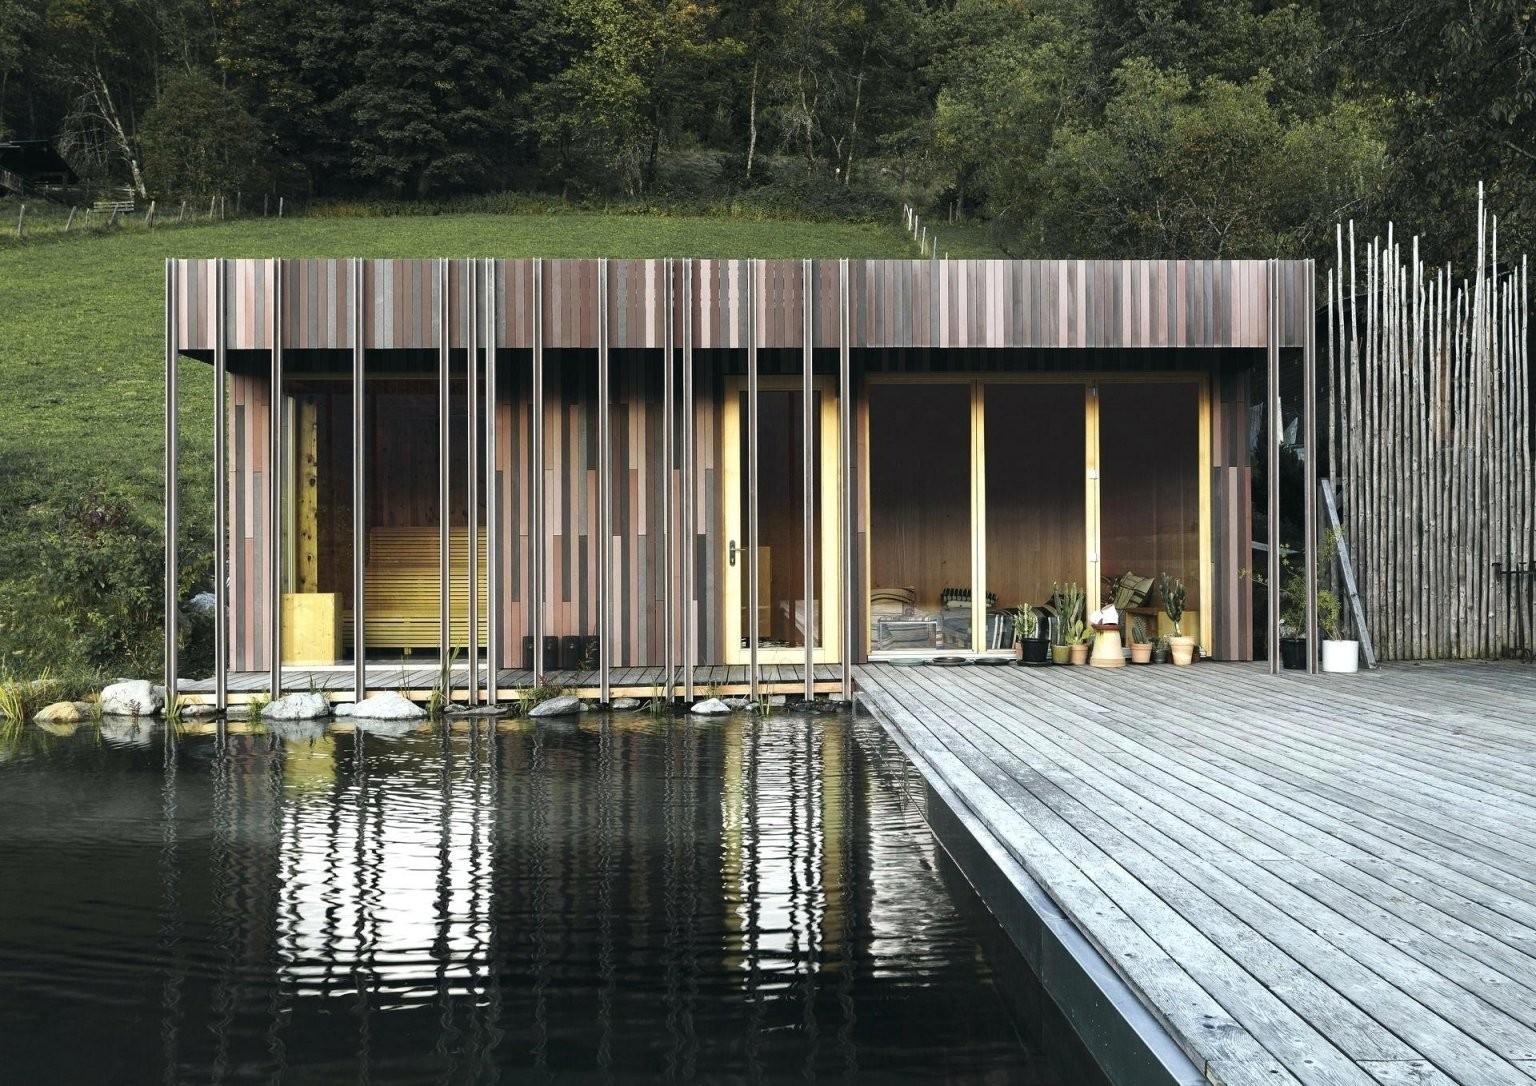 Fassade Streichen Preise Frisch Für Holzfassade Kosten Pro Qm Planen von Fassade Streichen Kosten Pro Qm Bild